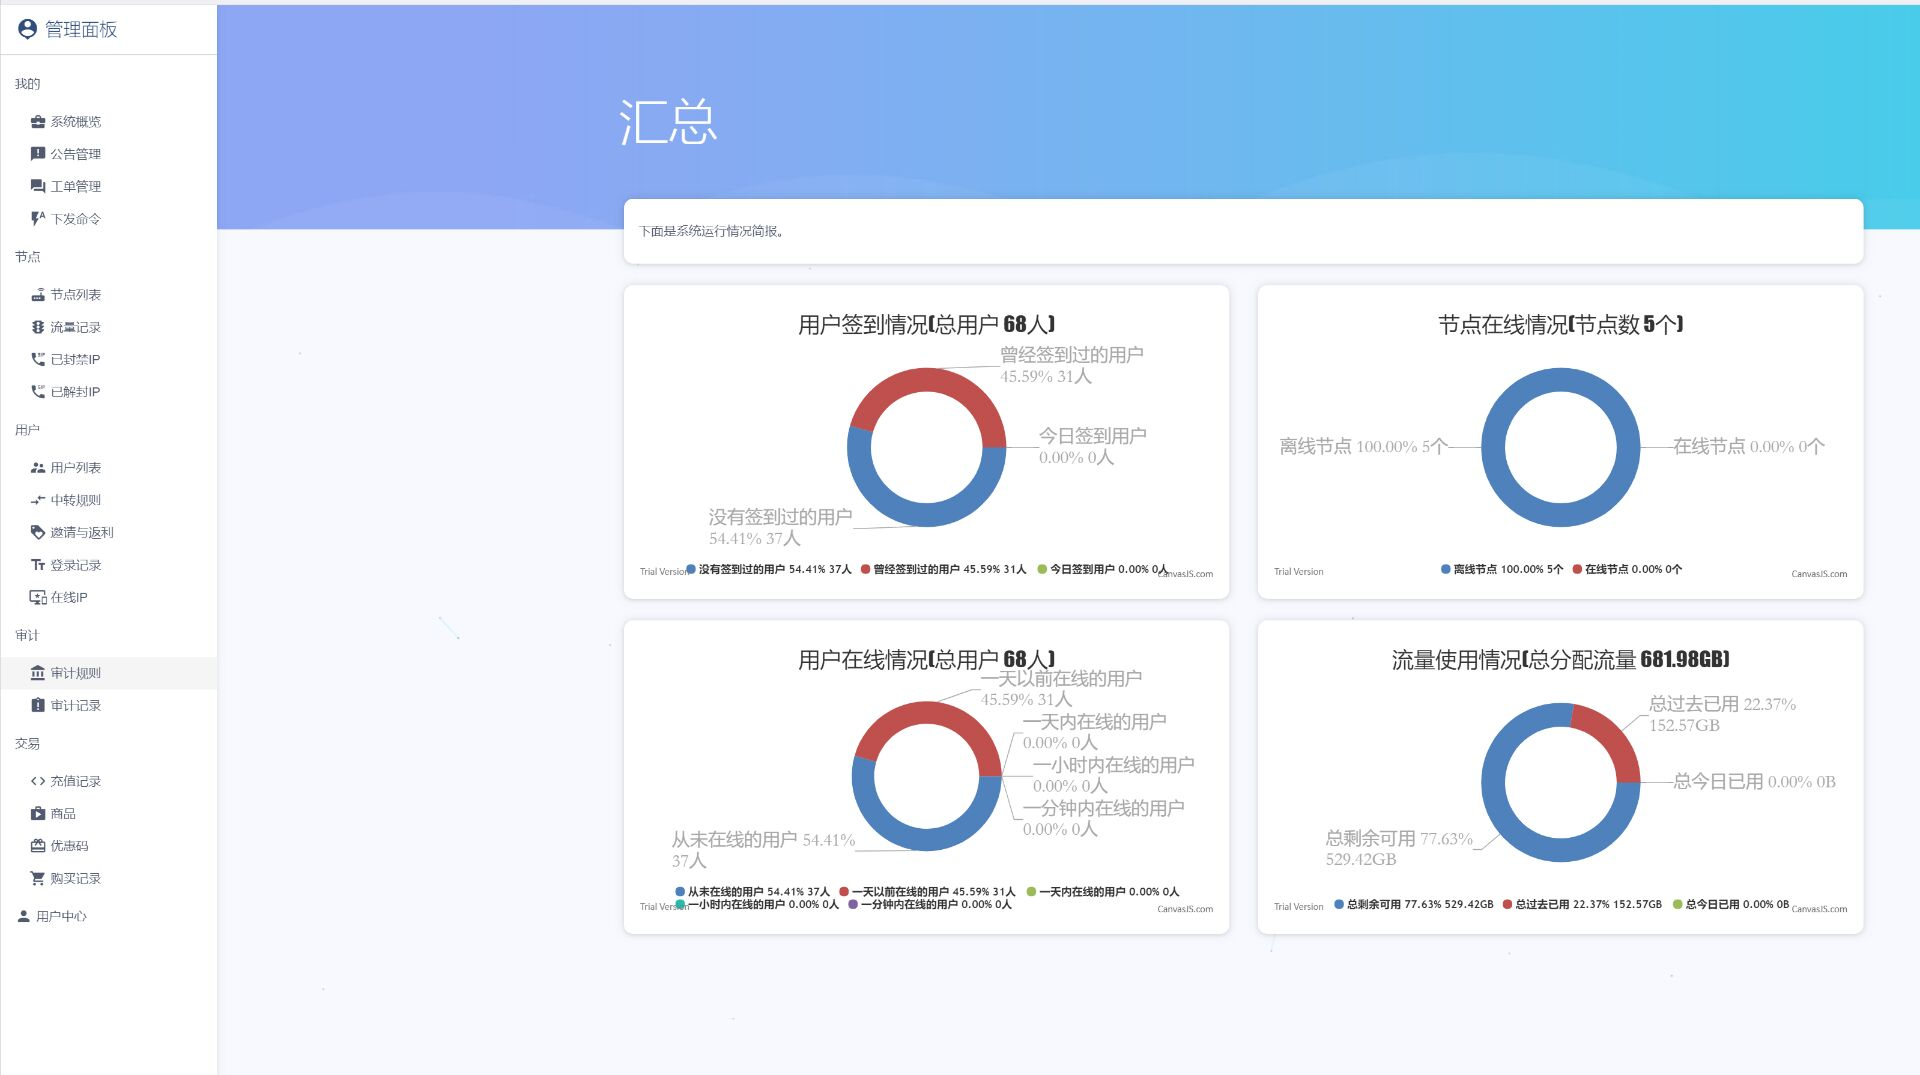 sspanel是一款为v2ray等设计的一款多用户管理面板